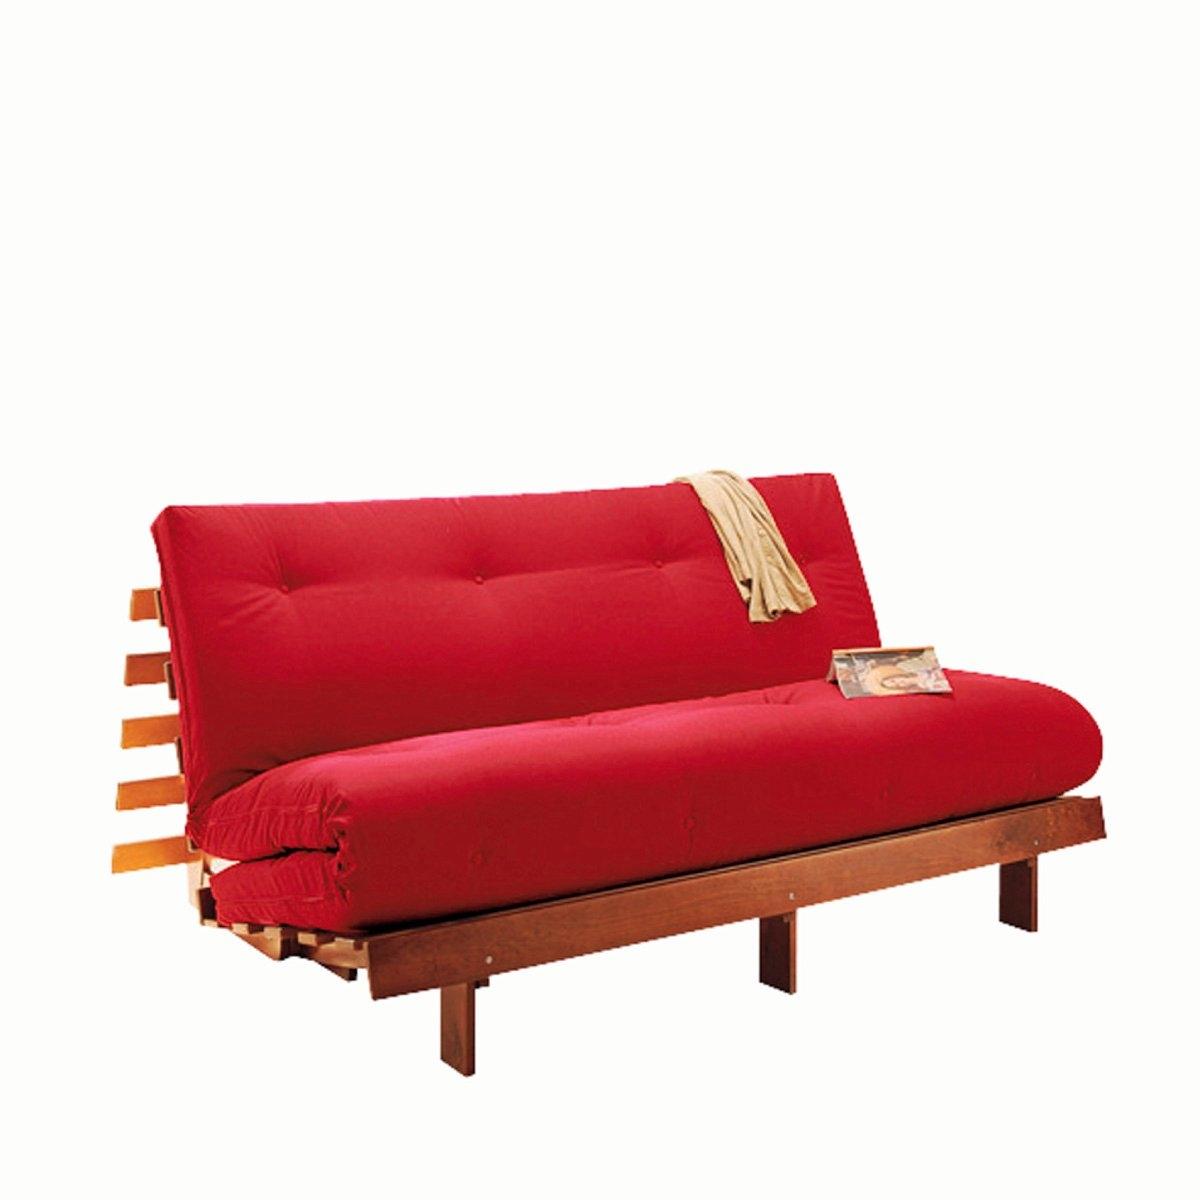 Матрас-футон La Redoute Из хлопка для банкетки THA 140 x 190 см красный кровать la redoute с основой под матрас trianon 140 x 190 см белый